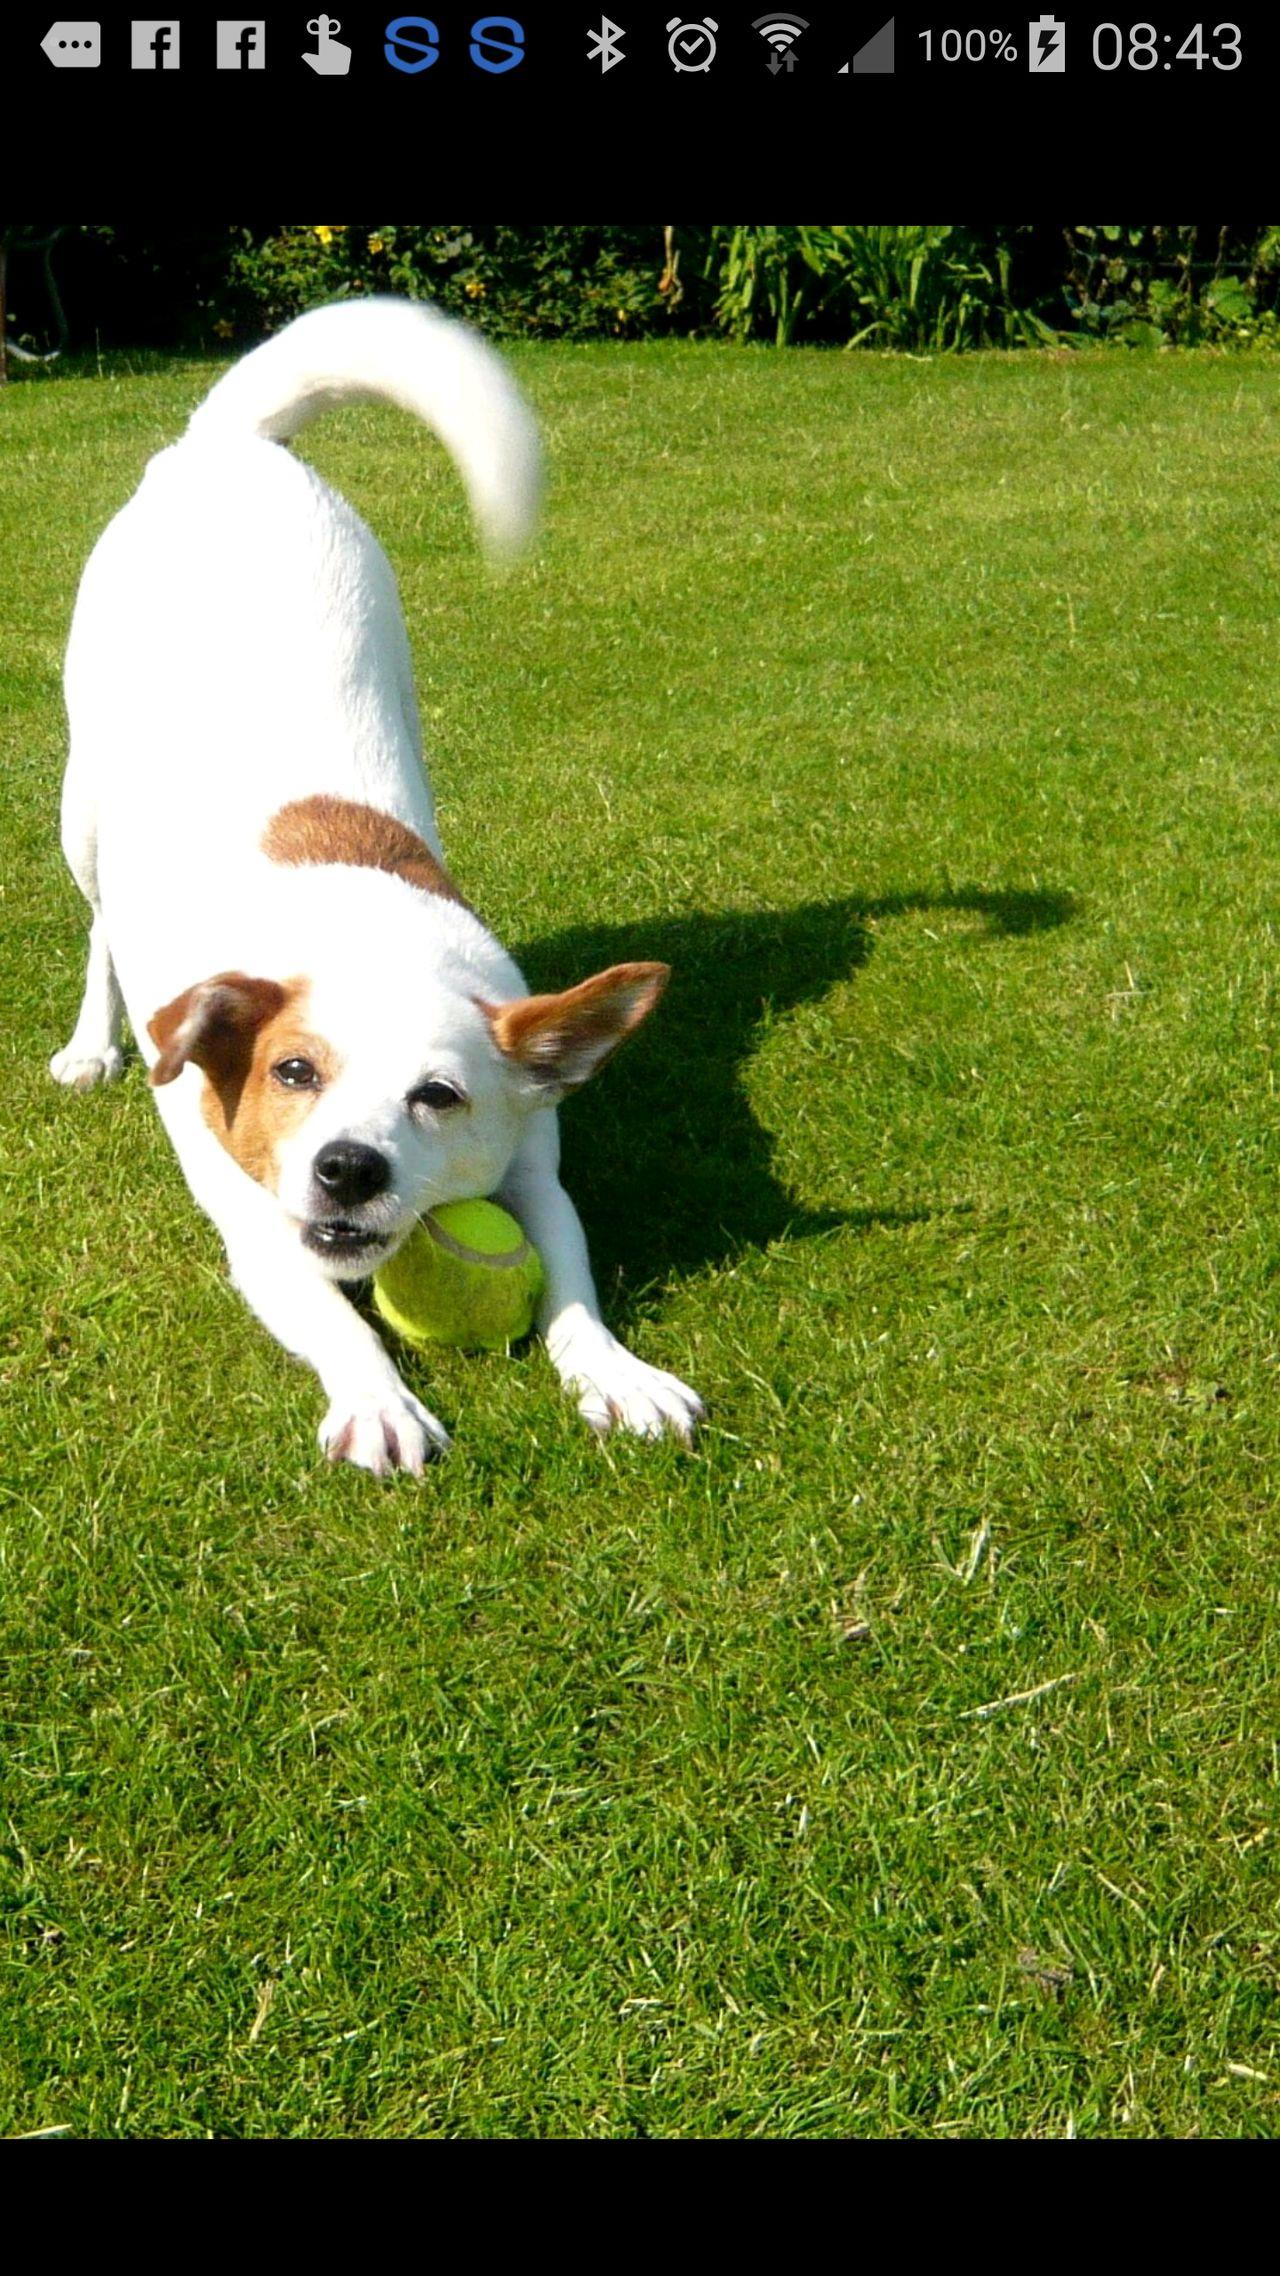 Dog And Ball.